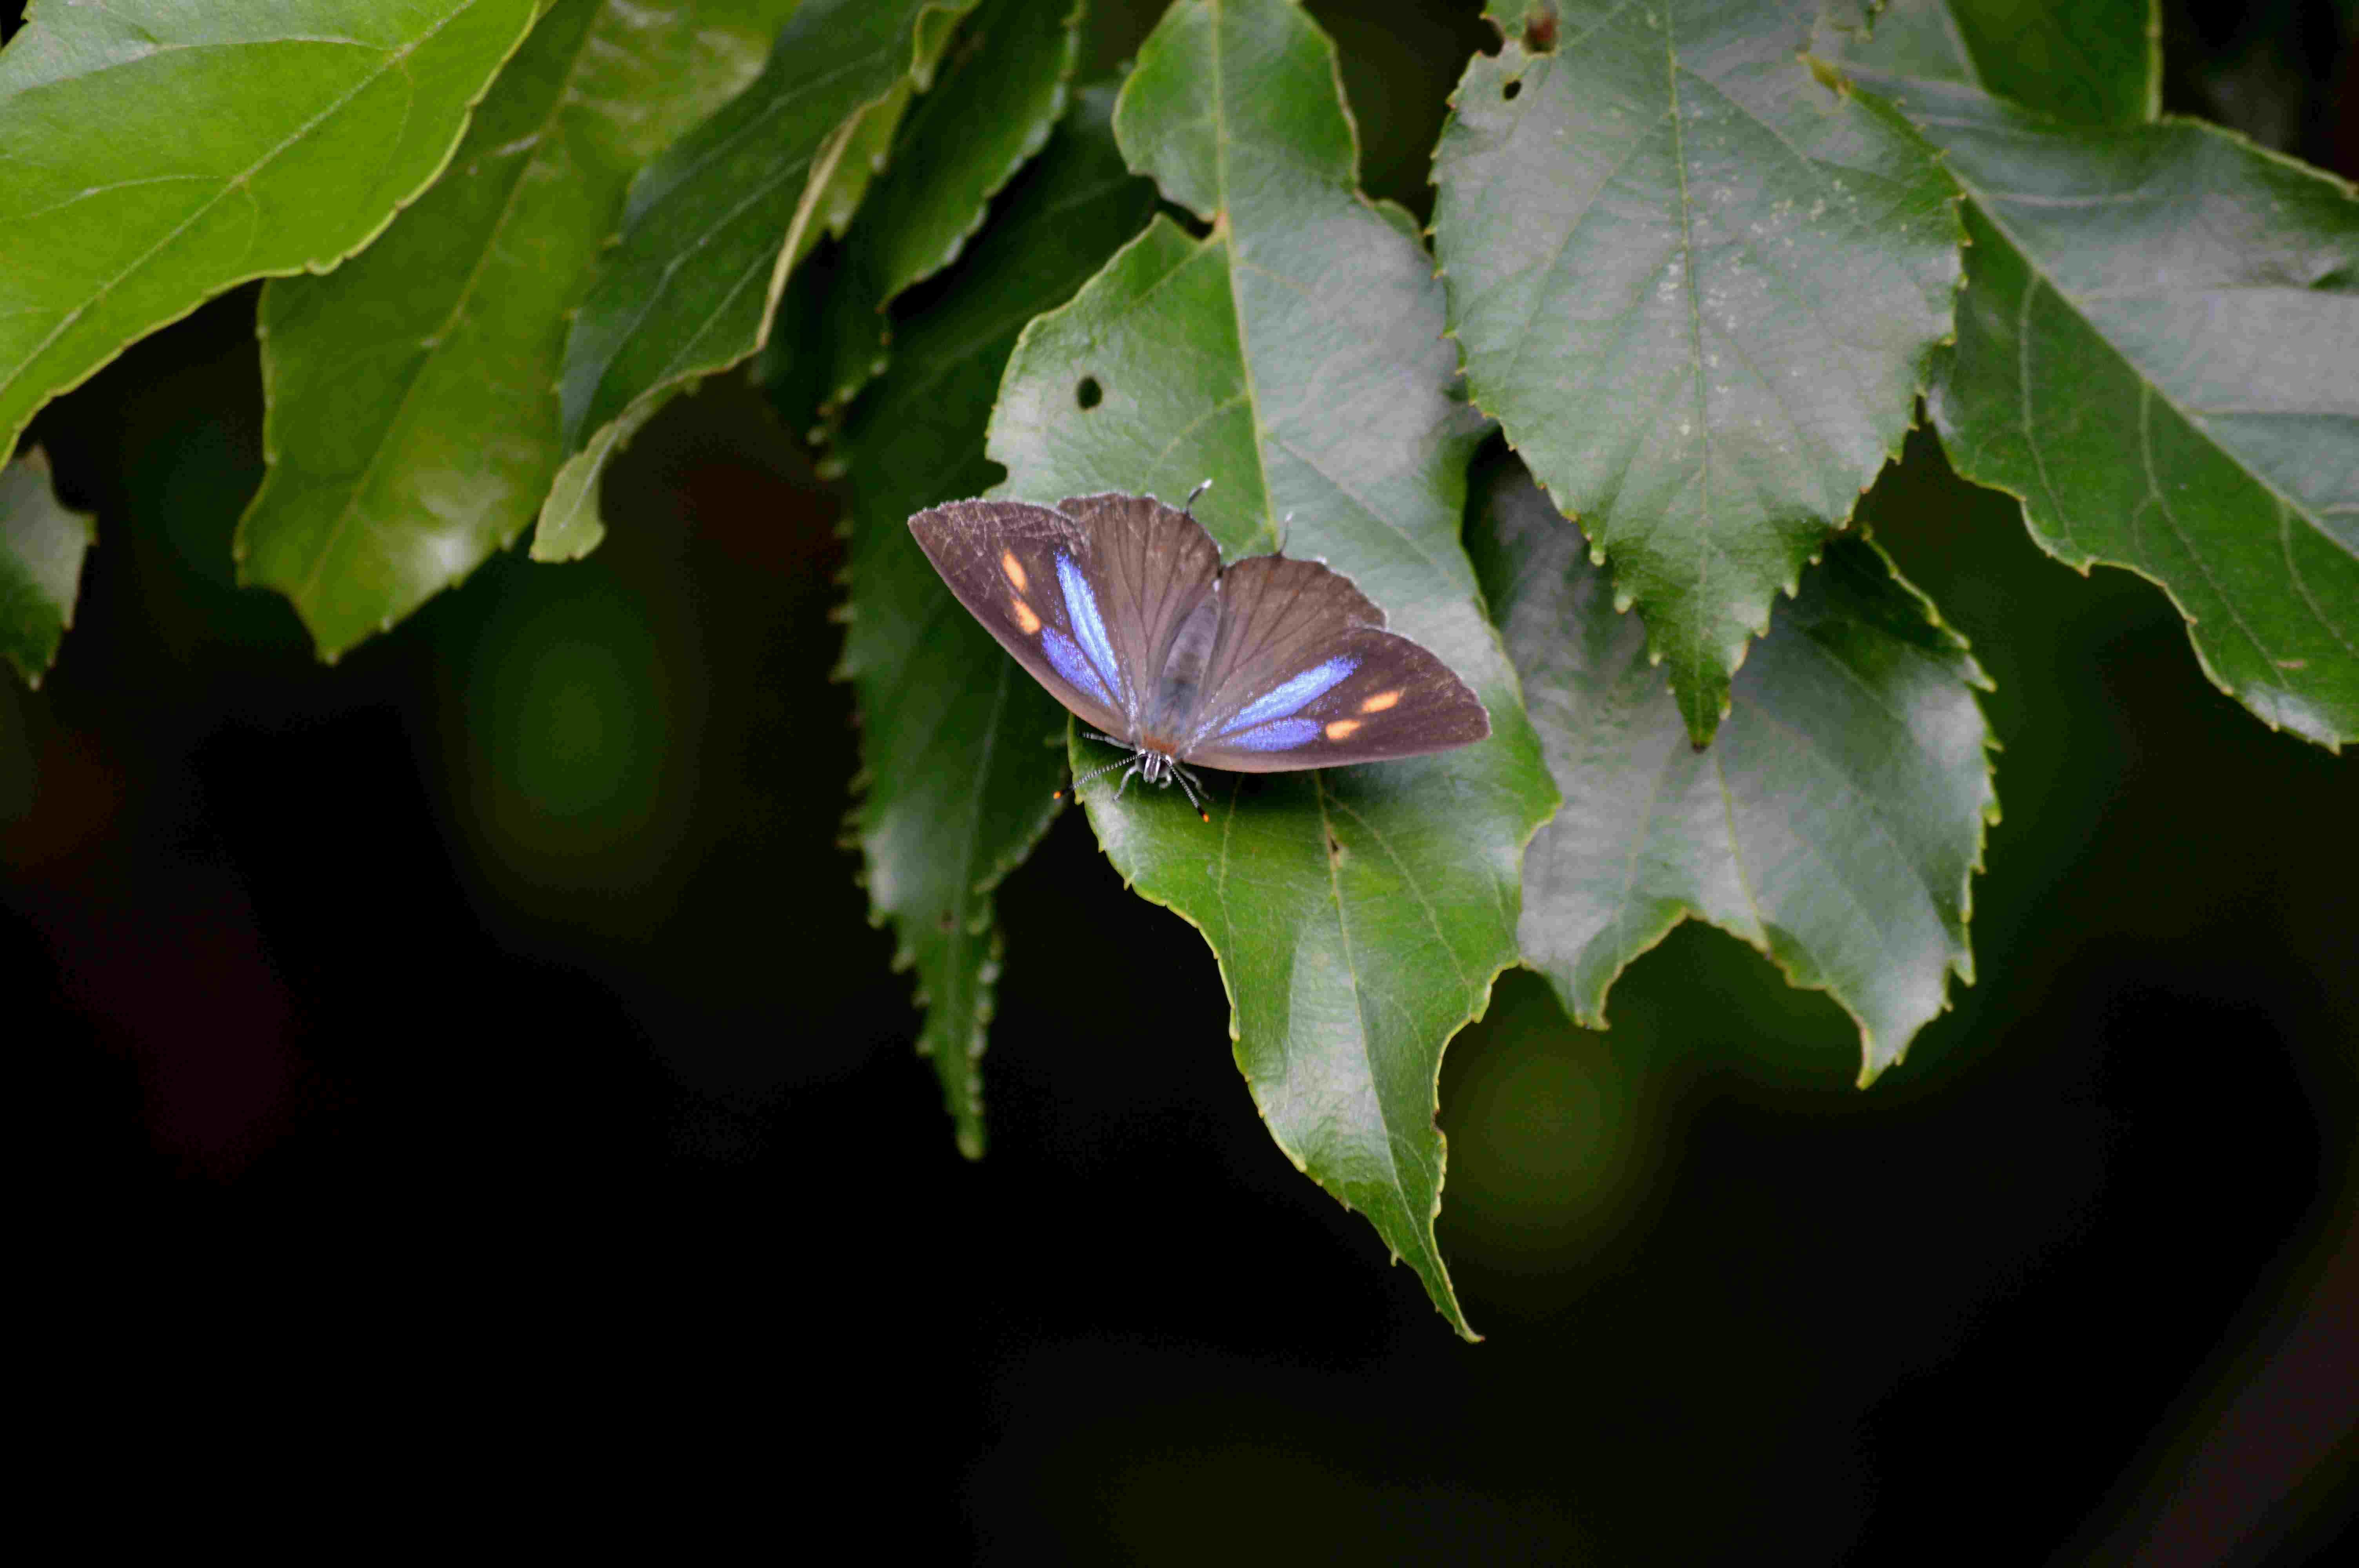 ミドリシジミ 早朝の開翅オンパレード_d0254540_19344492.jpg